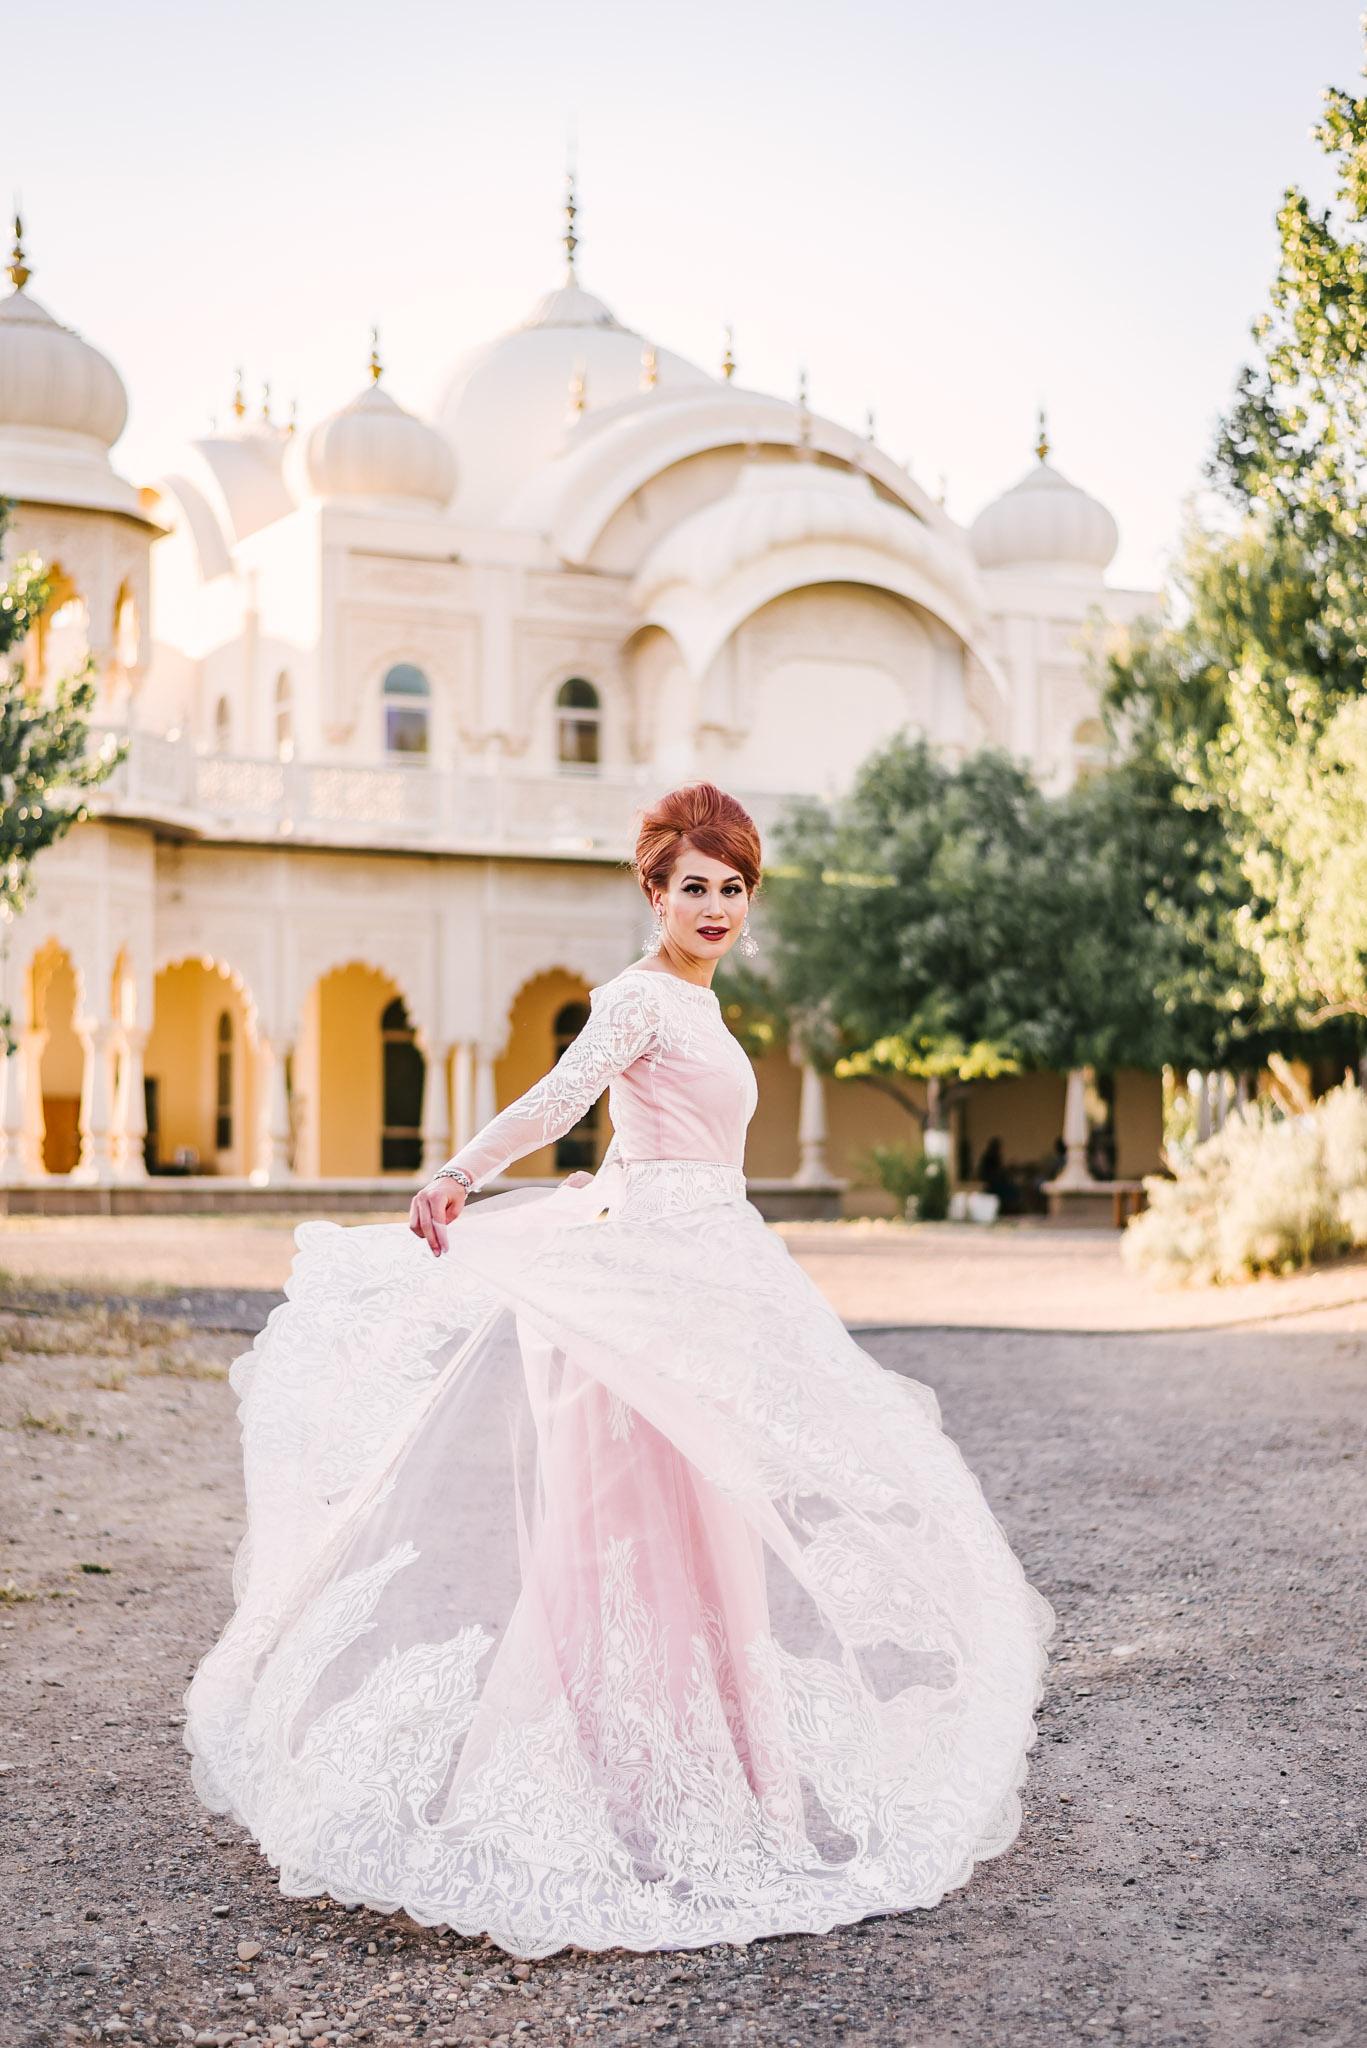 Krishna bridals-61.jpg